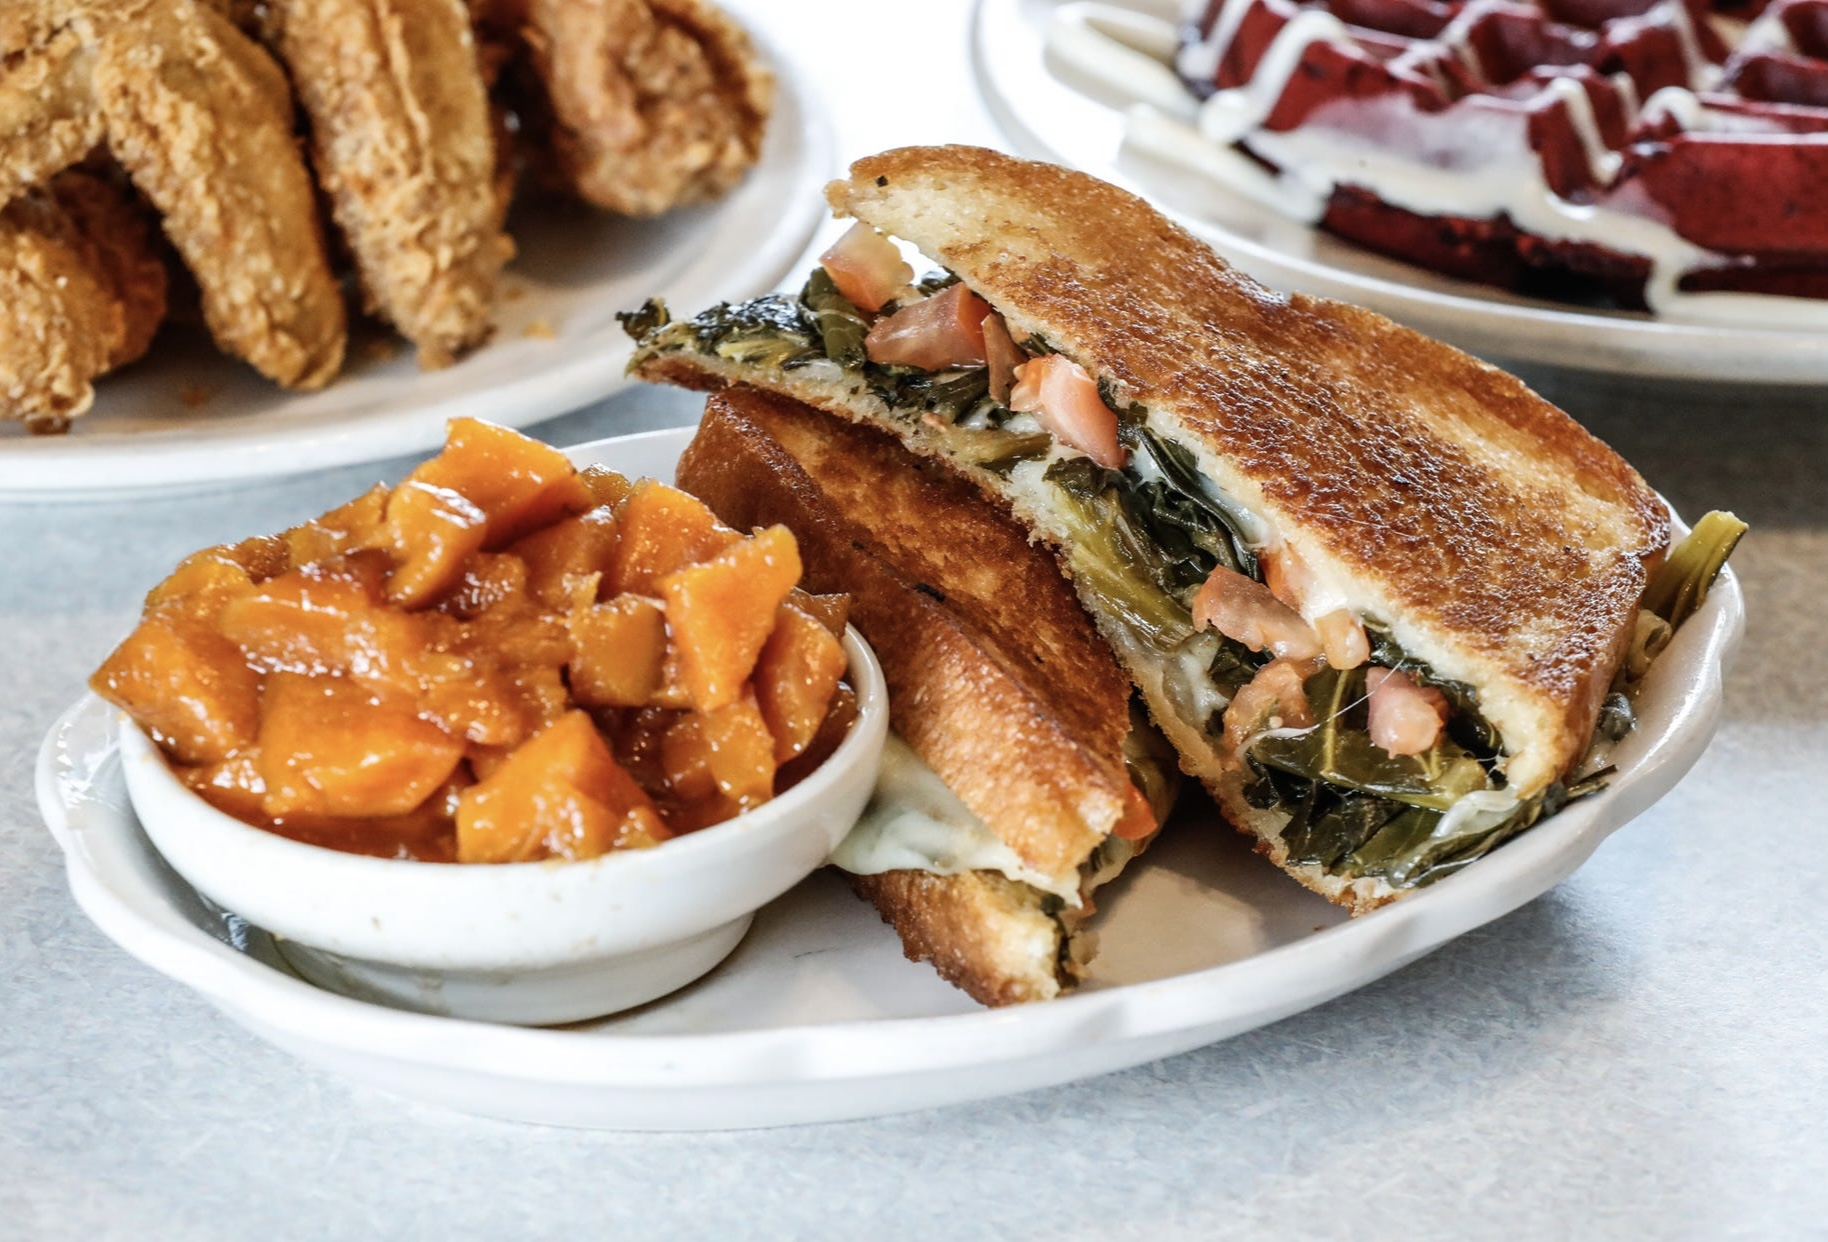 厚厚的烤奶酪,切成两半,堆在盘子里,旁边是一碗蜜饯甘薯。这种三明治里有羽衣甘蓝、番茄丁和奶酪